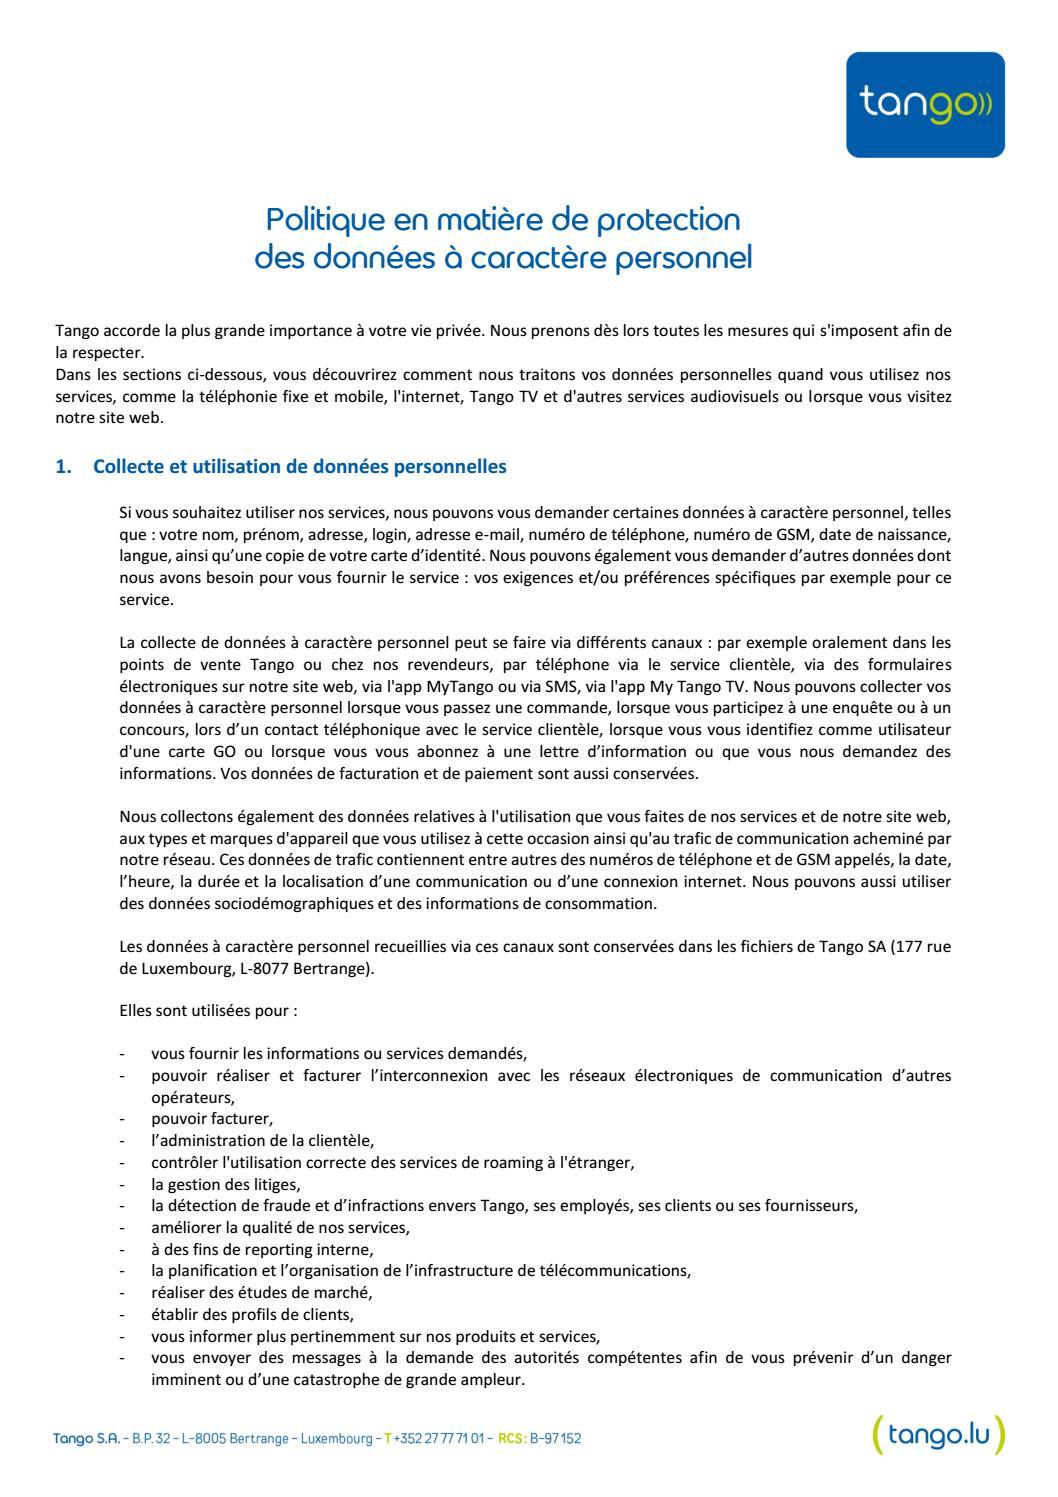 Politique en matière de protection des données à caractère personnel